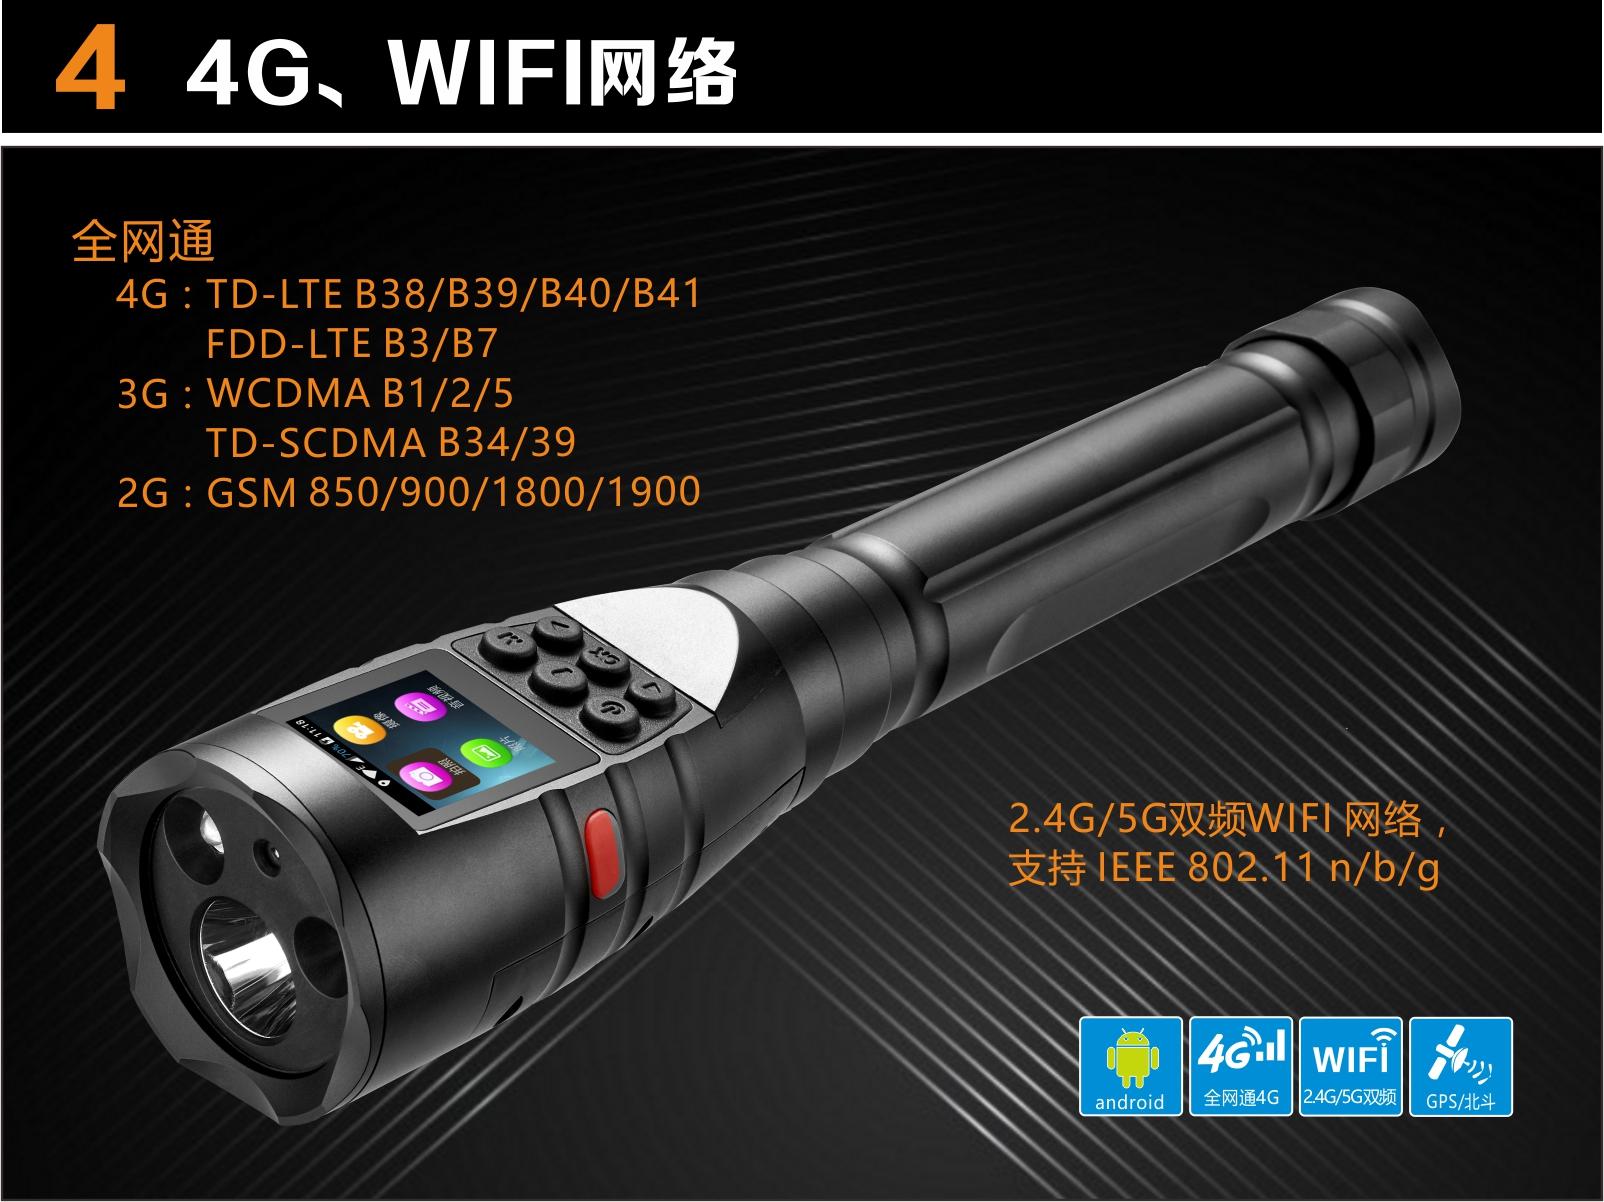 安卓4G智能巡检仪,4G防爆智能摄像手电筒